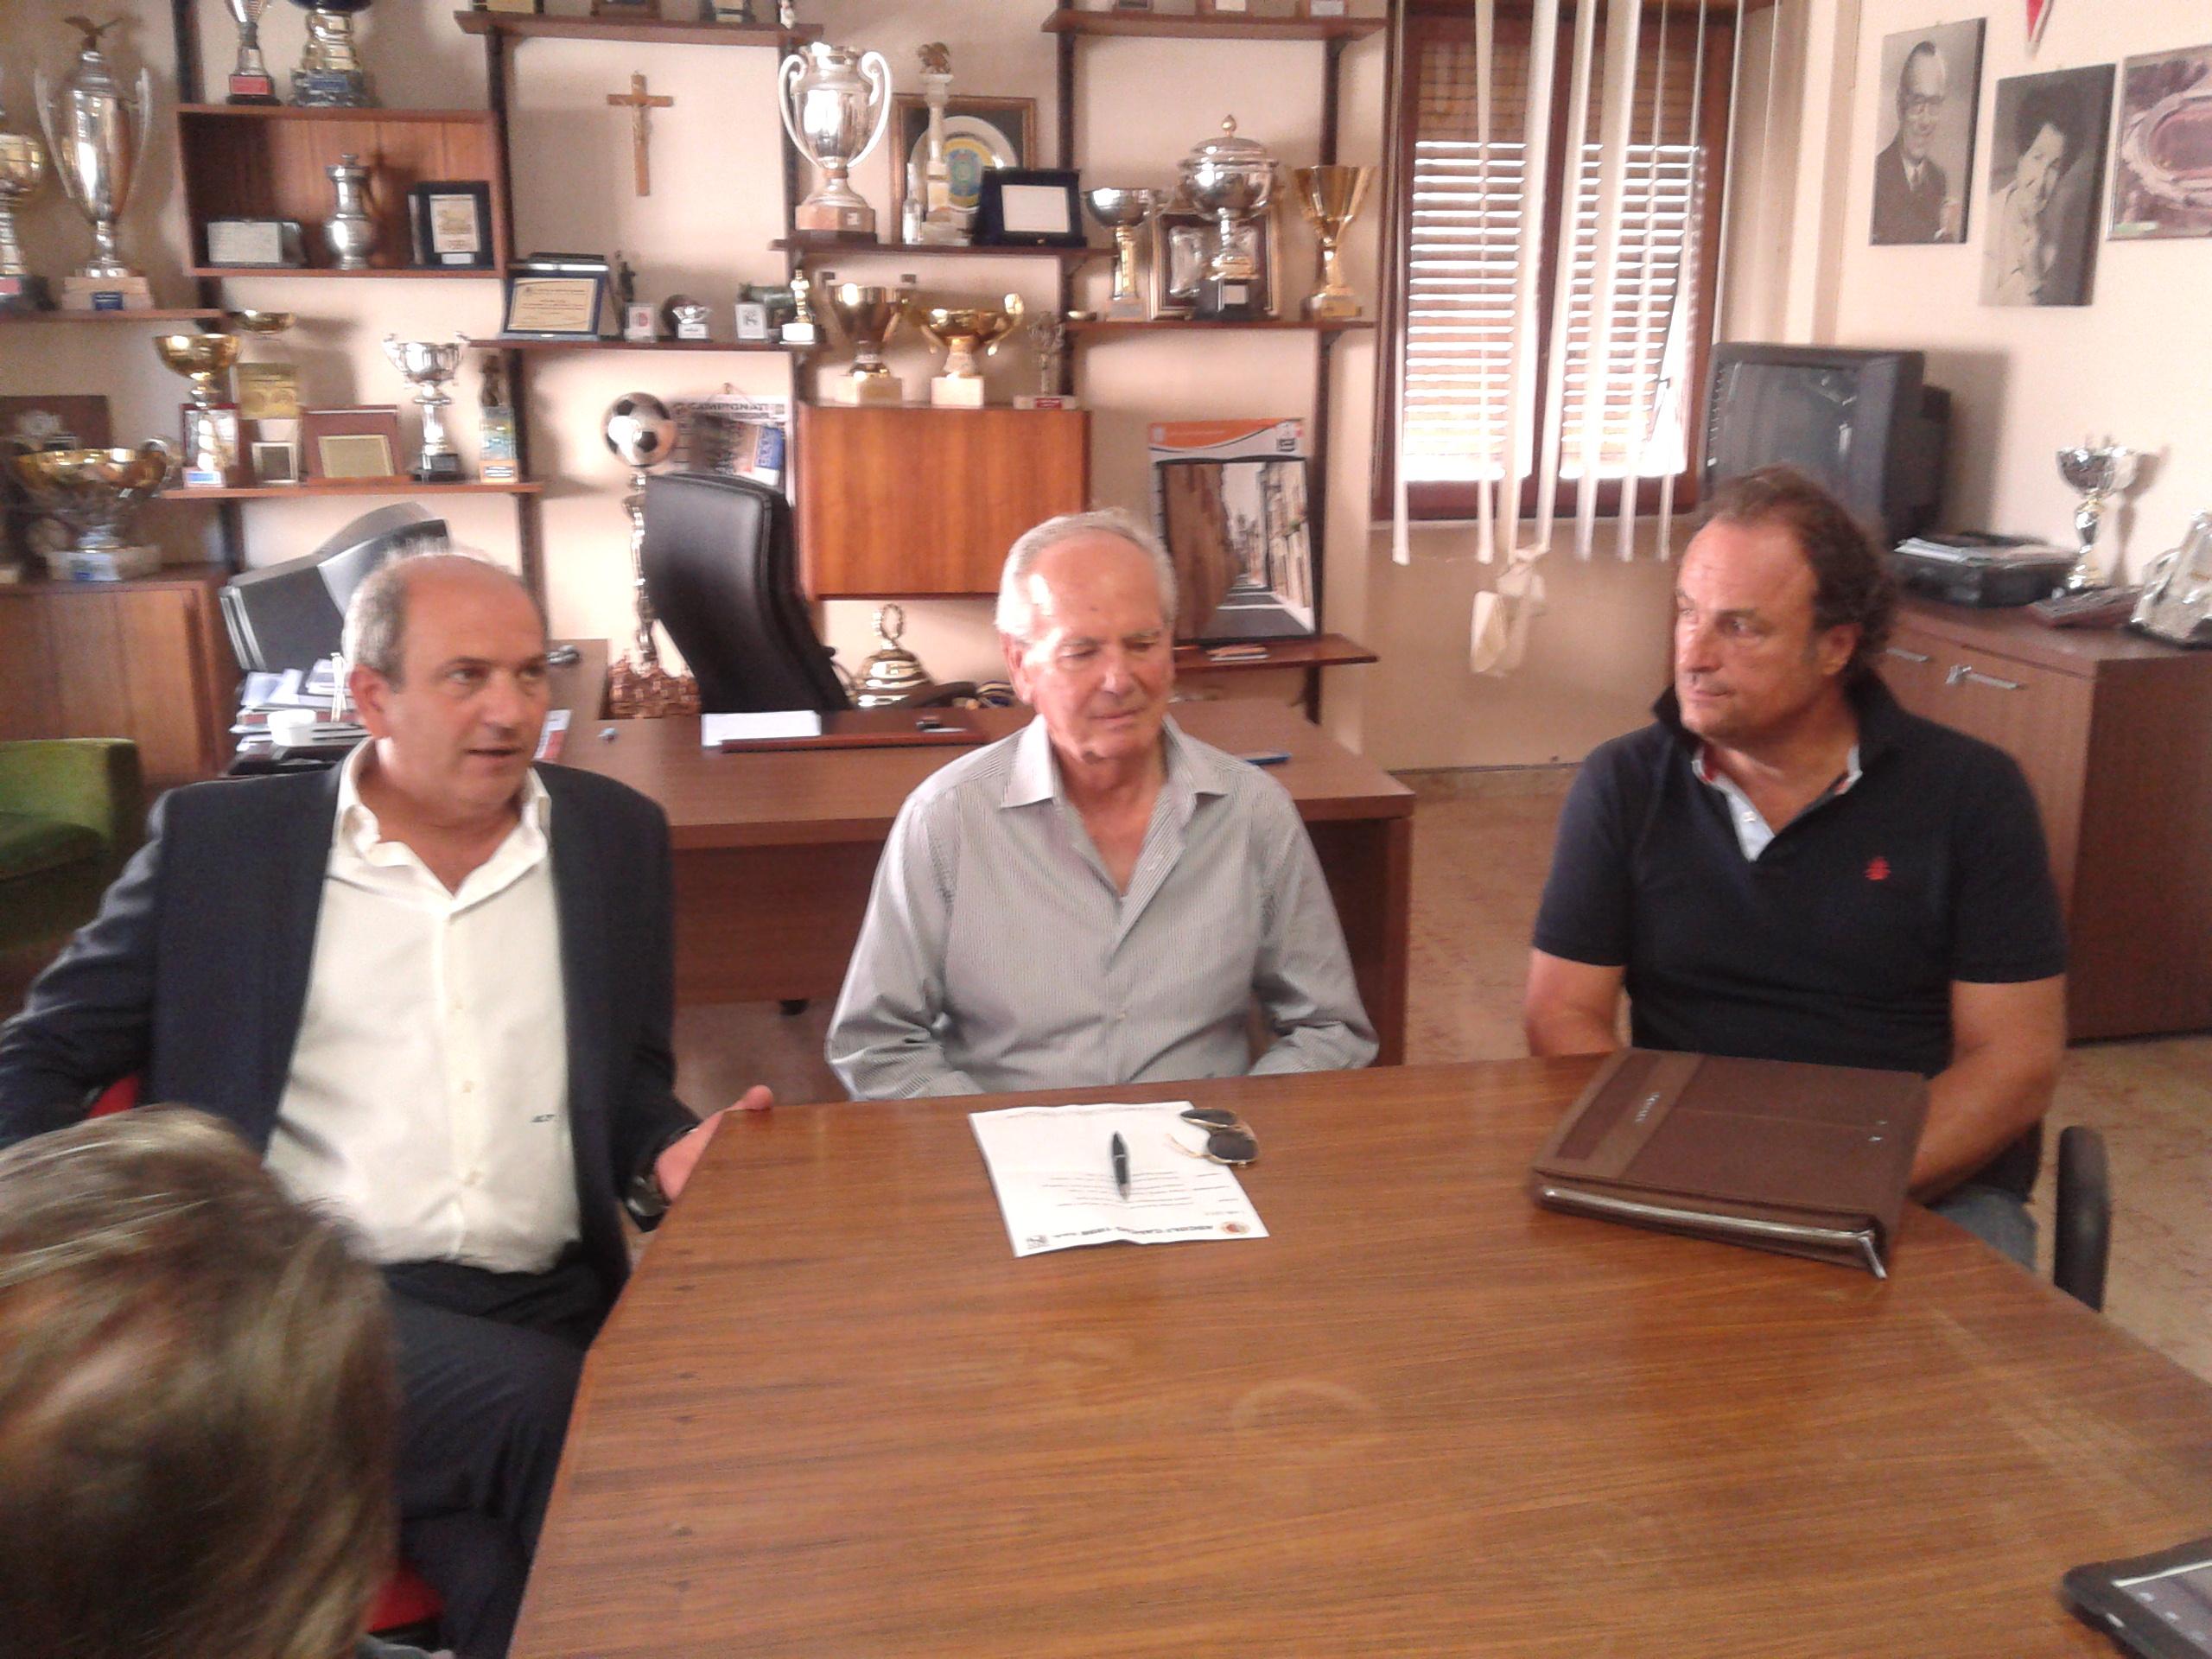 Fabiani, Benigni e Stallone in conferenza